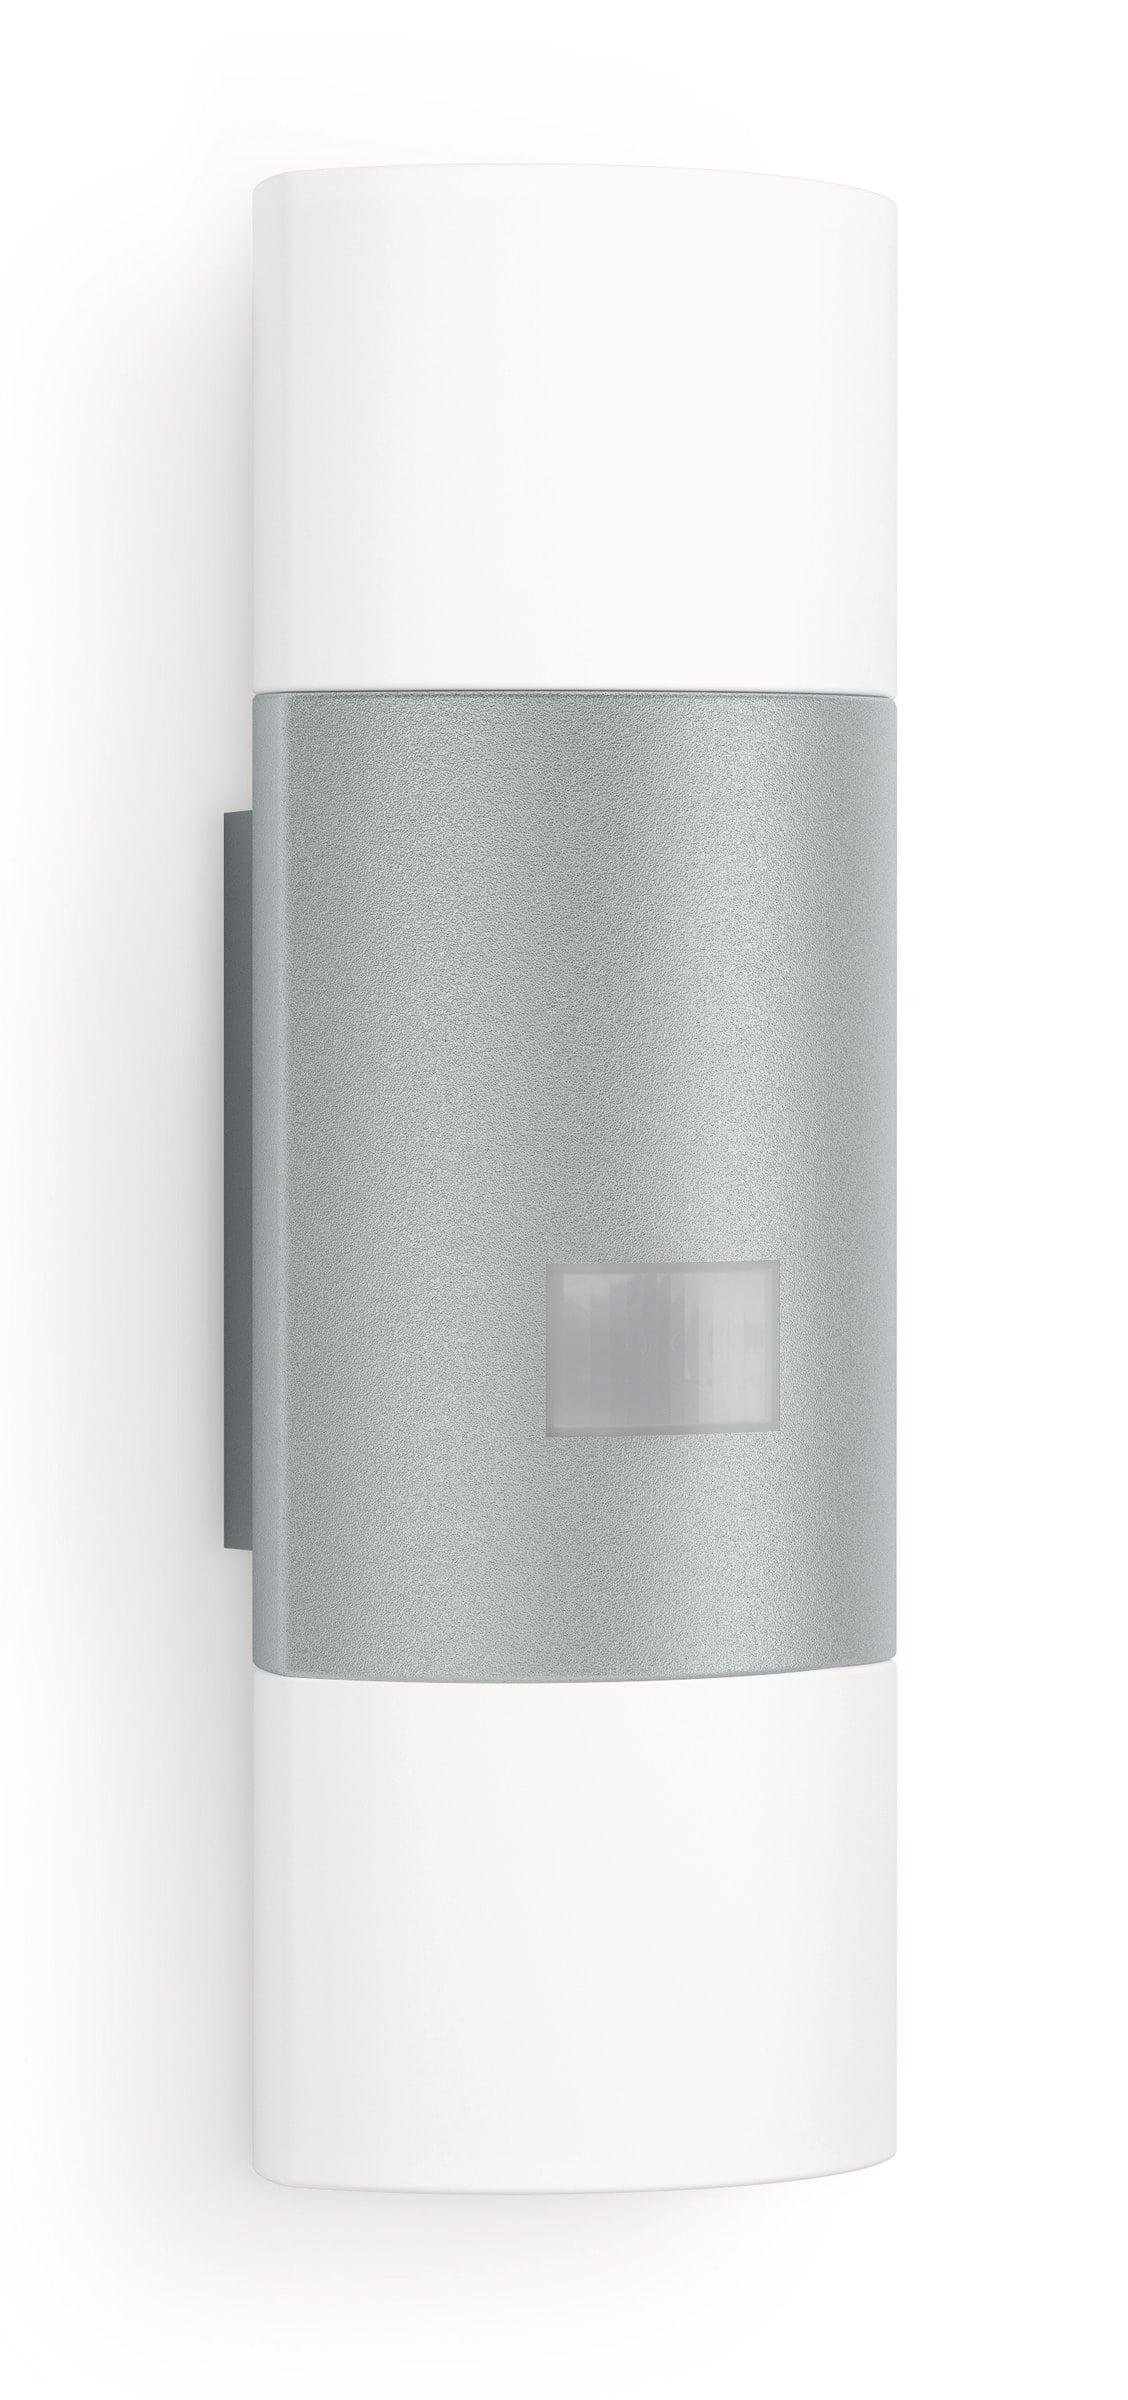 Steinel LED Up-/Downlight L 910 Lampe murale d'extérieur